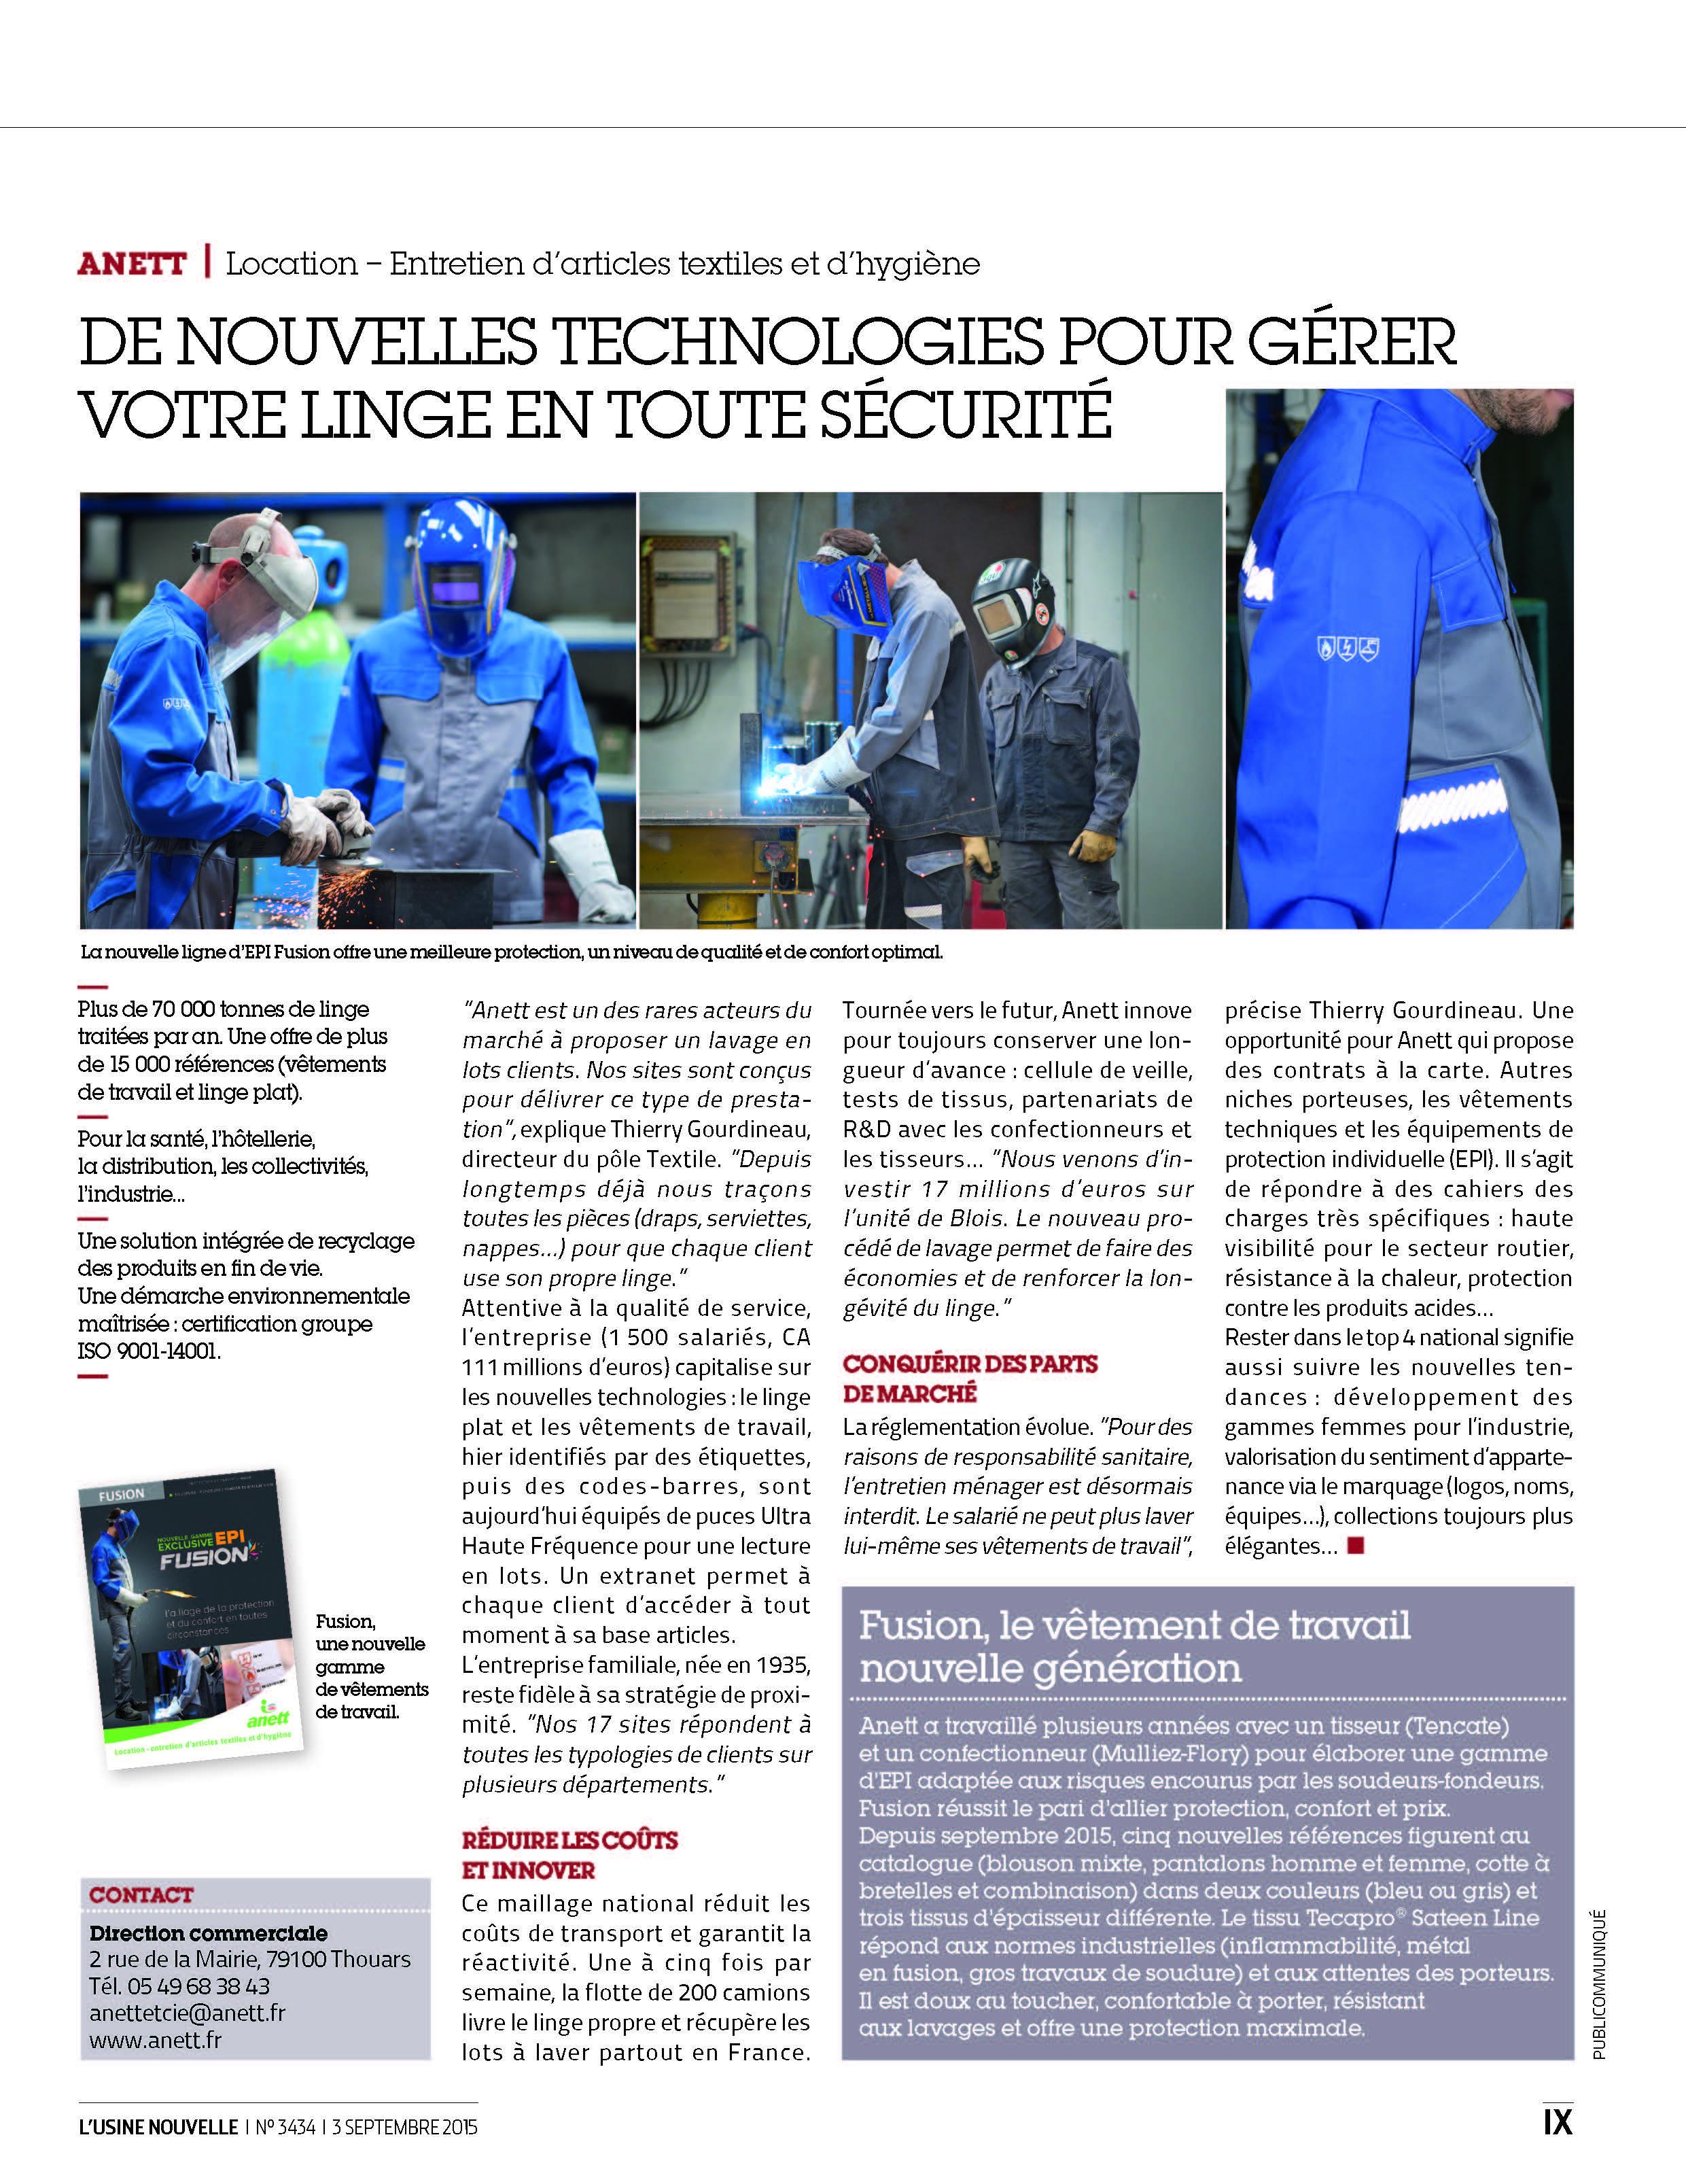 publi usine nouvelle -ANETT 0915